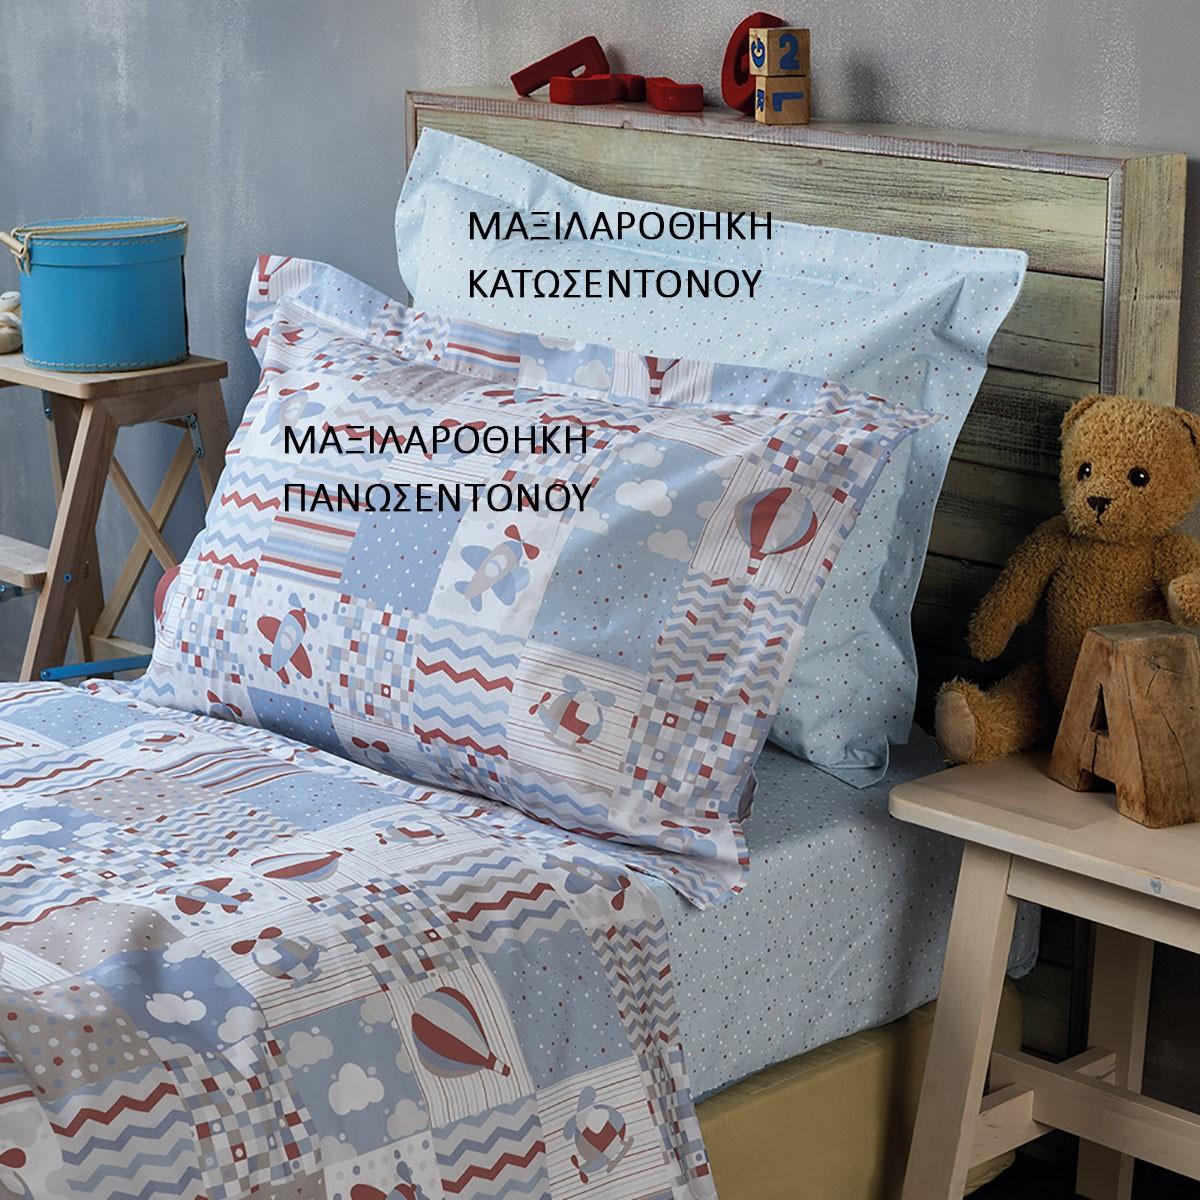 Μαξιλαροθήκη Kentia Kids Collection Sky Μαξιλαροθήκη Κατωσέντονου Μαξιλαροθήκη Κατωσέντονου